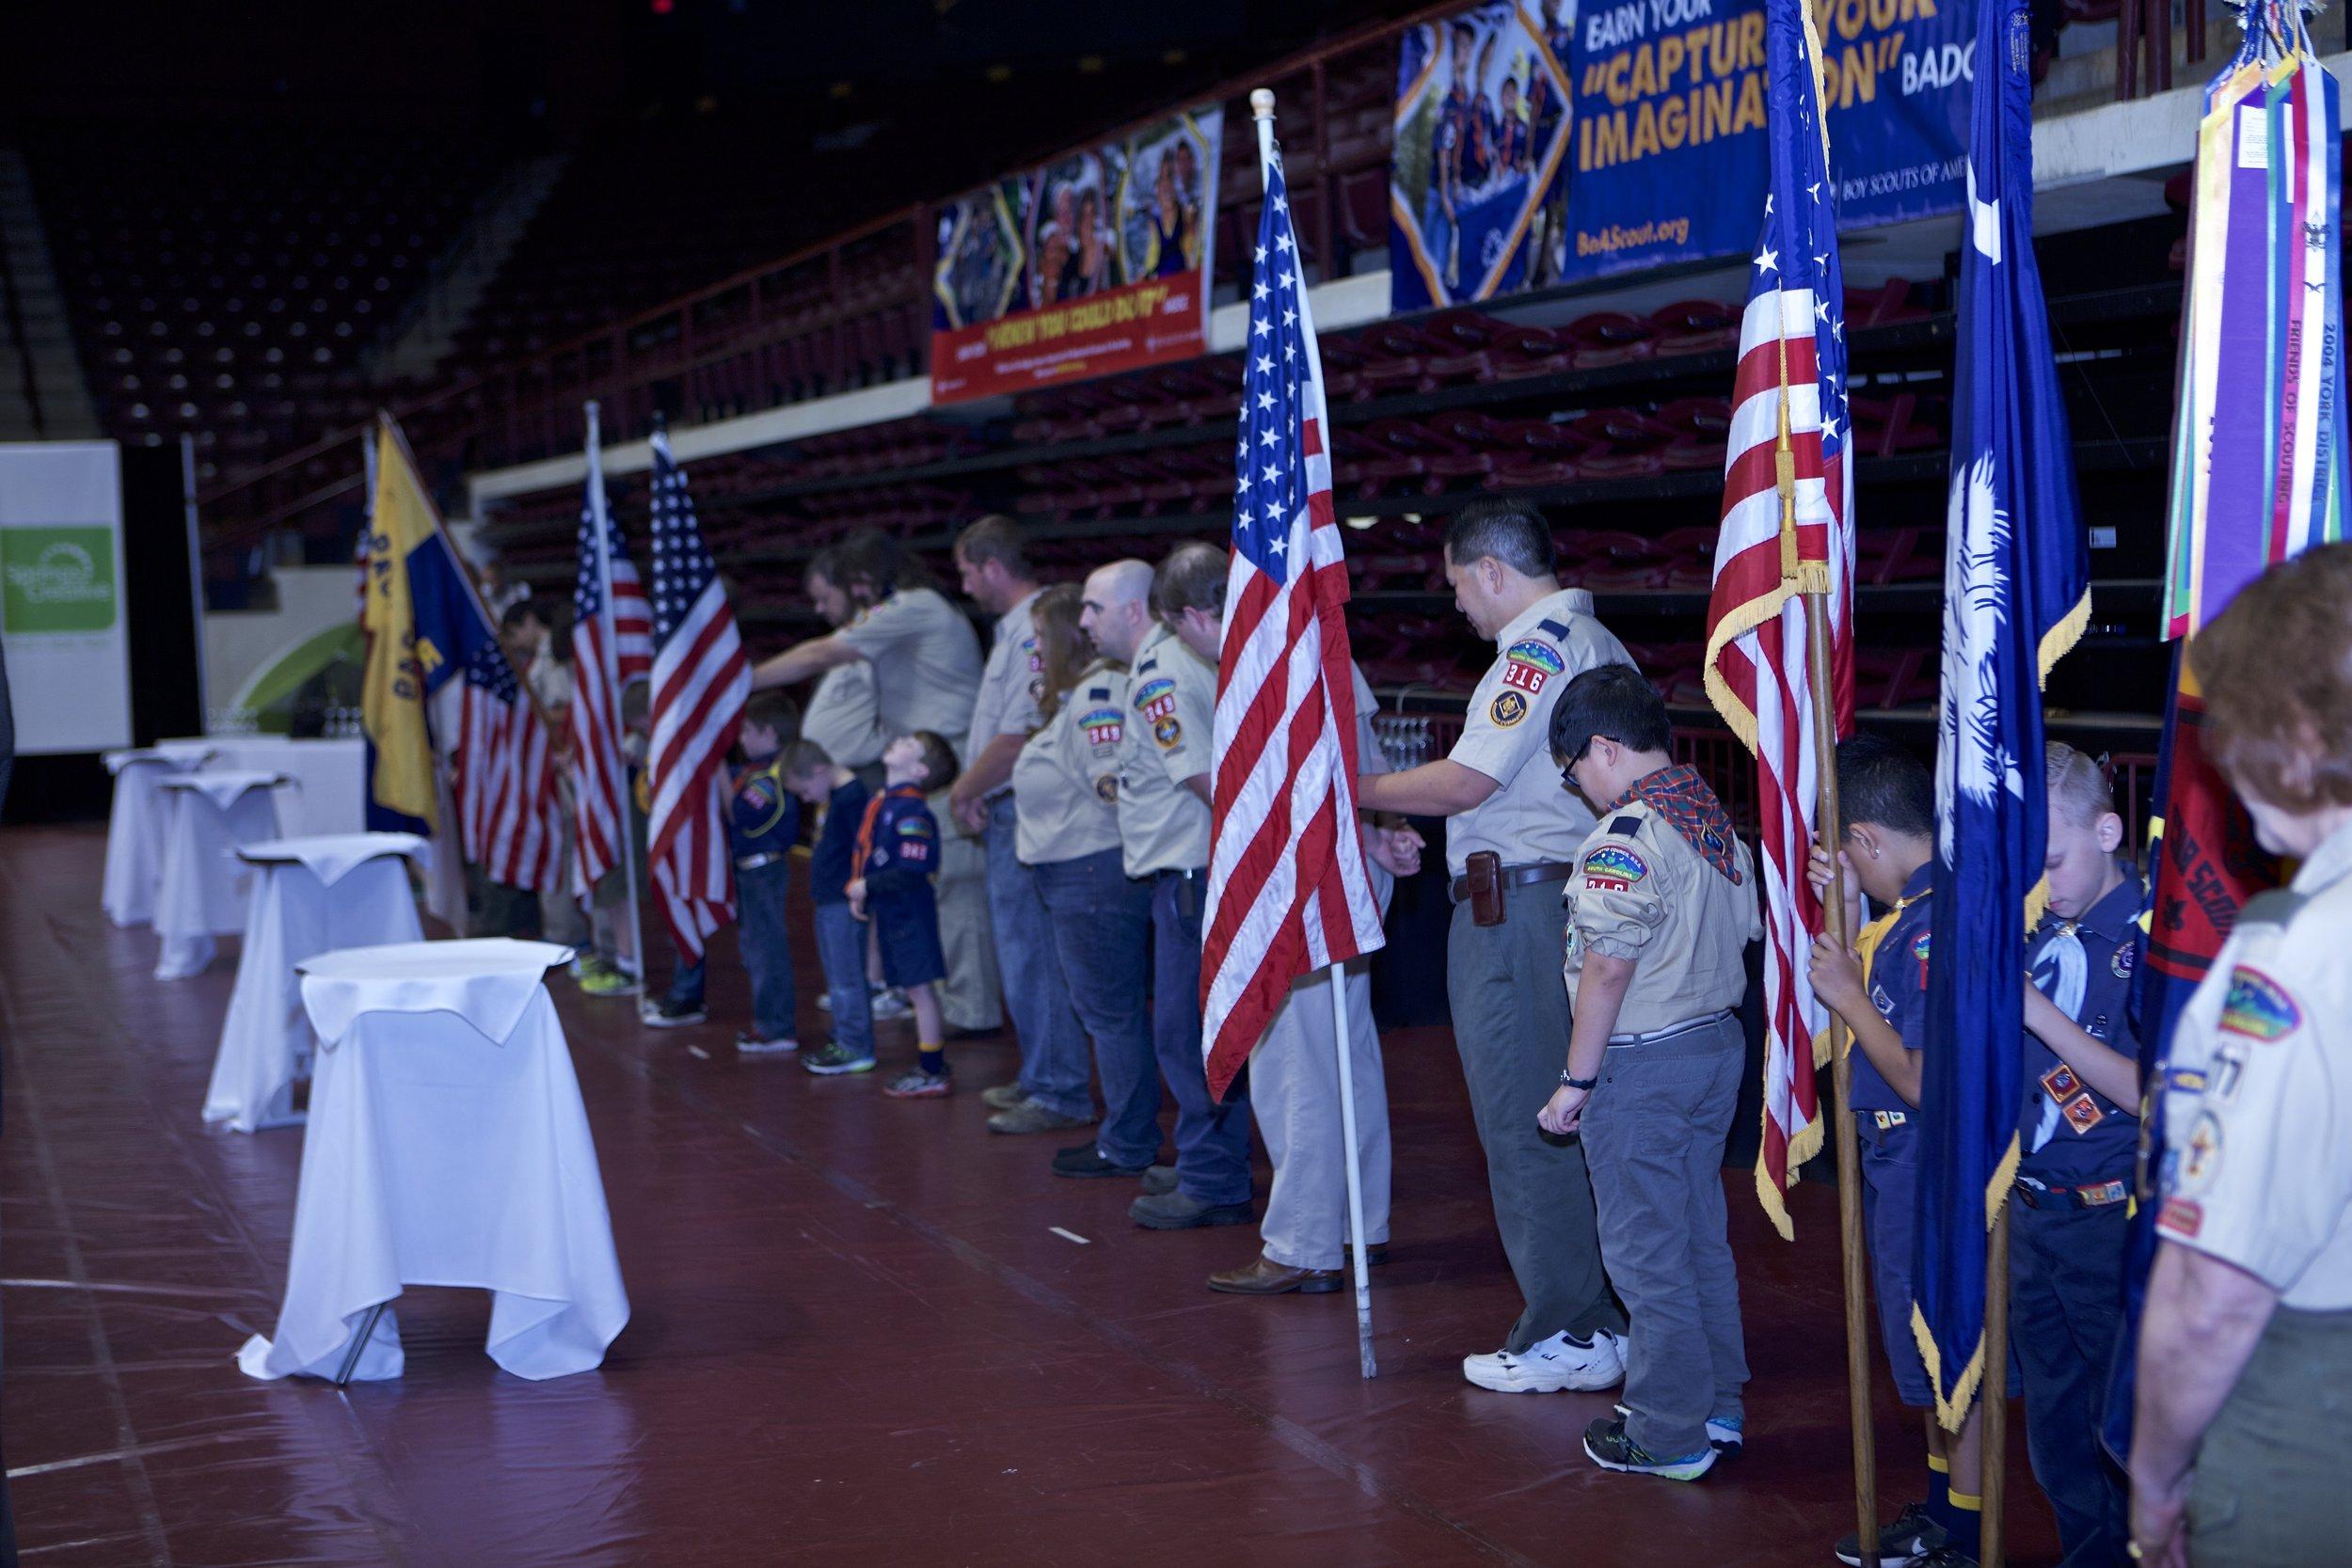 Boy Scouts_104.jpg